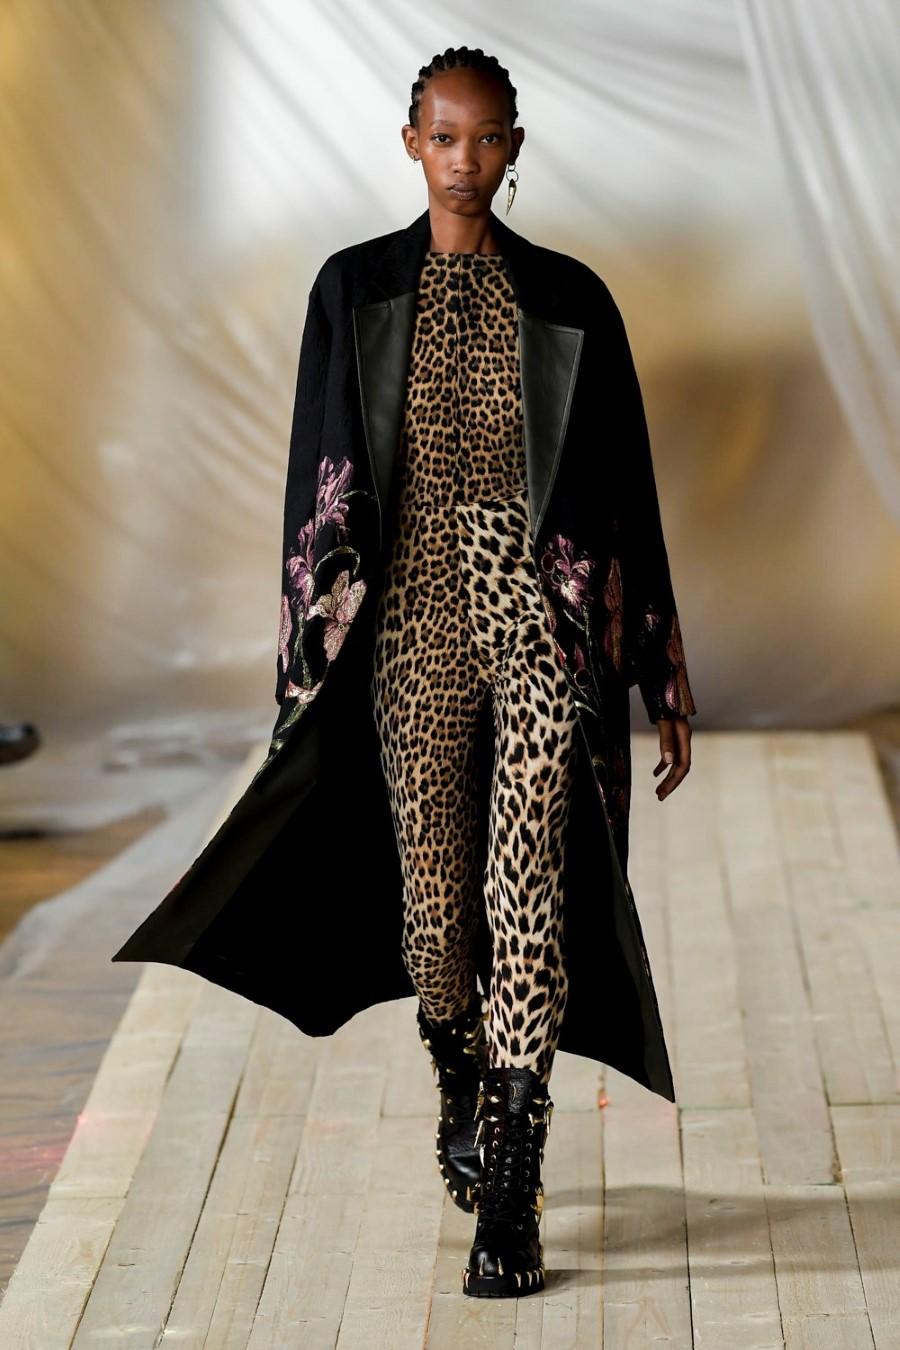 Roberto Cavalli Spring Summer 2022 - Milan Fashion Week